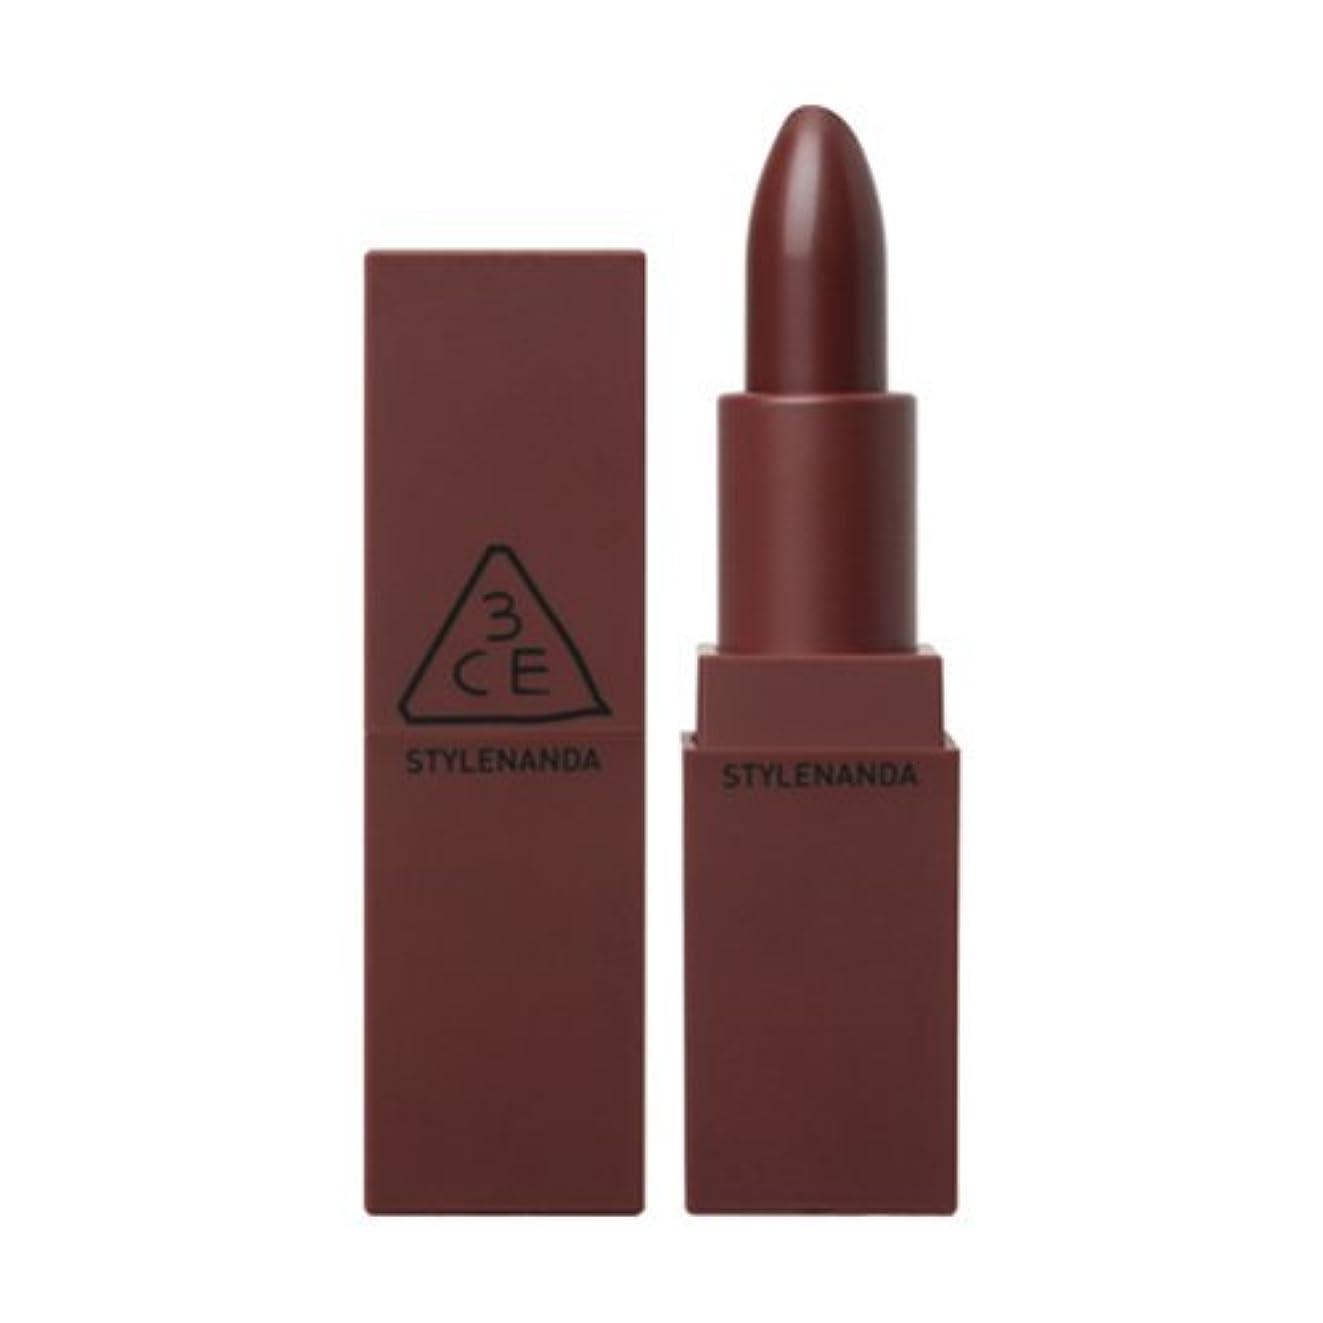 不条理社交的カリキュラムSTYLE NANDA 3CE MOOD RECIPE マットリップ リップスティック カラー#117 Chicful 3.5g / STYLE NANDA 3CE MOOD RECIPE MATTE LIP Lipstick COLOR #117 Chicful 3.5g